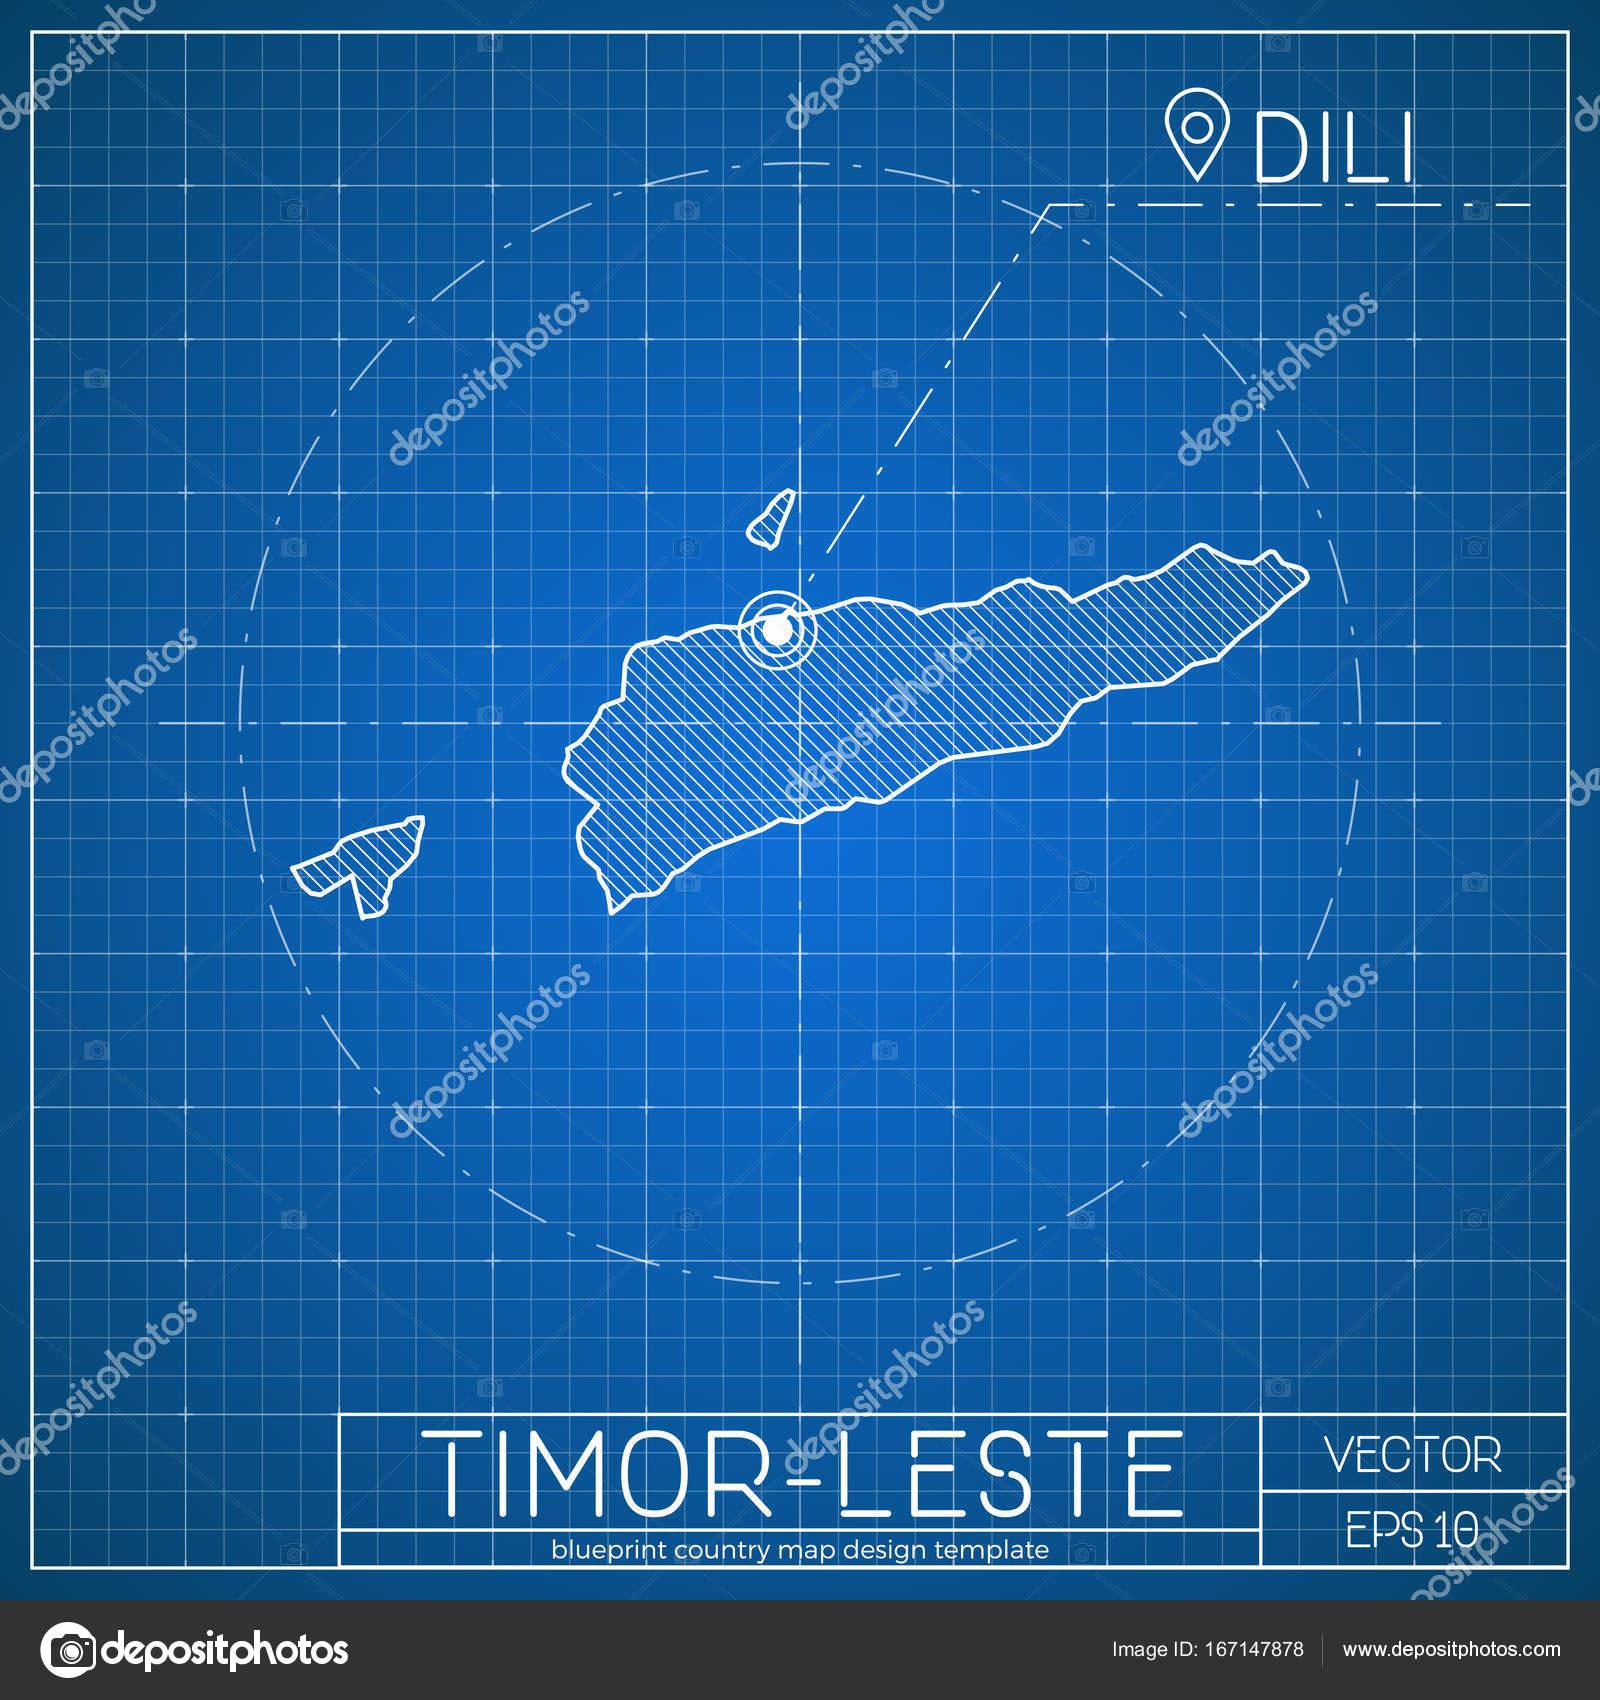 TimorLeste Blueprint Map Template With Capital City Dili Marked On - East timor seetimor leste map vector